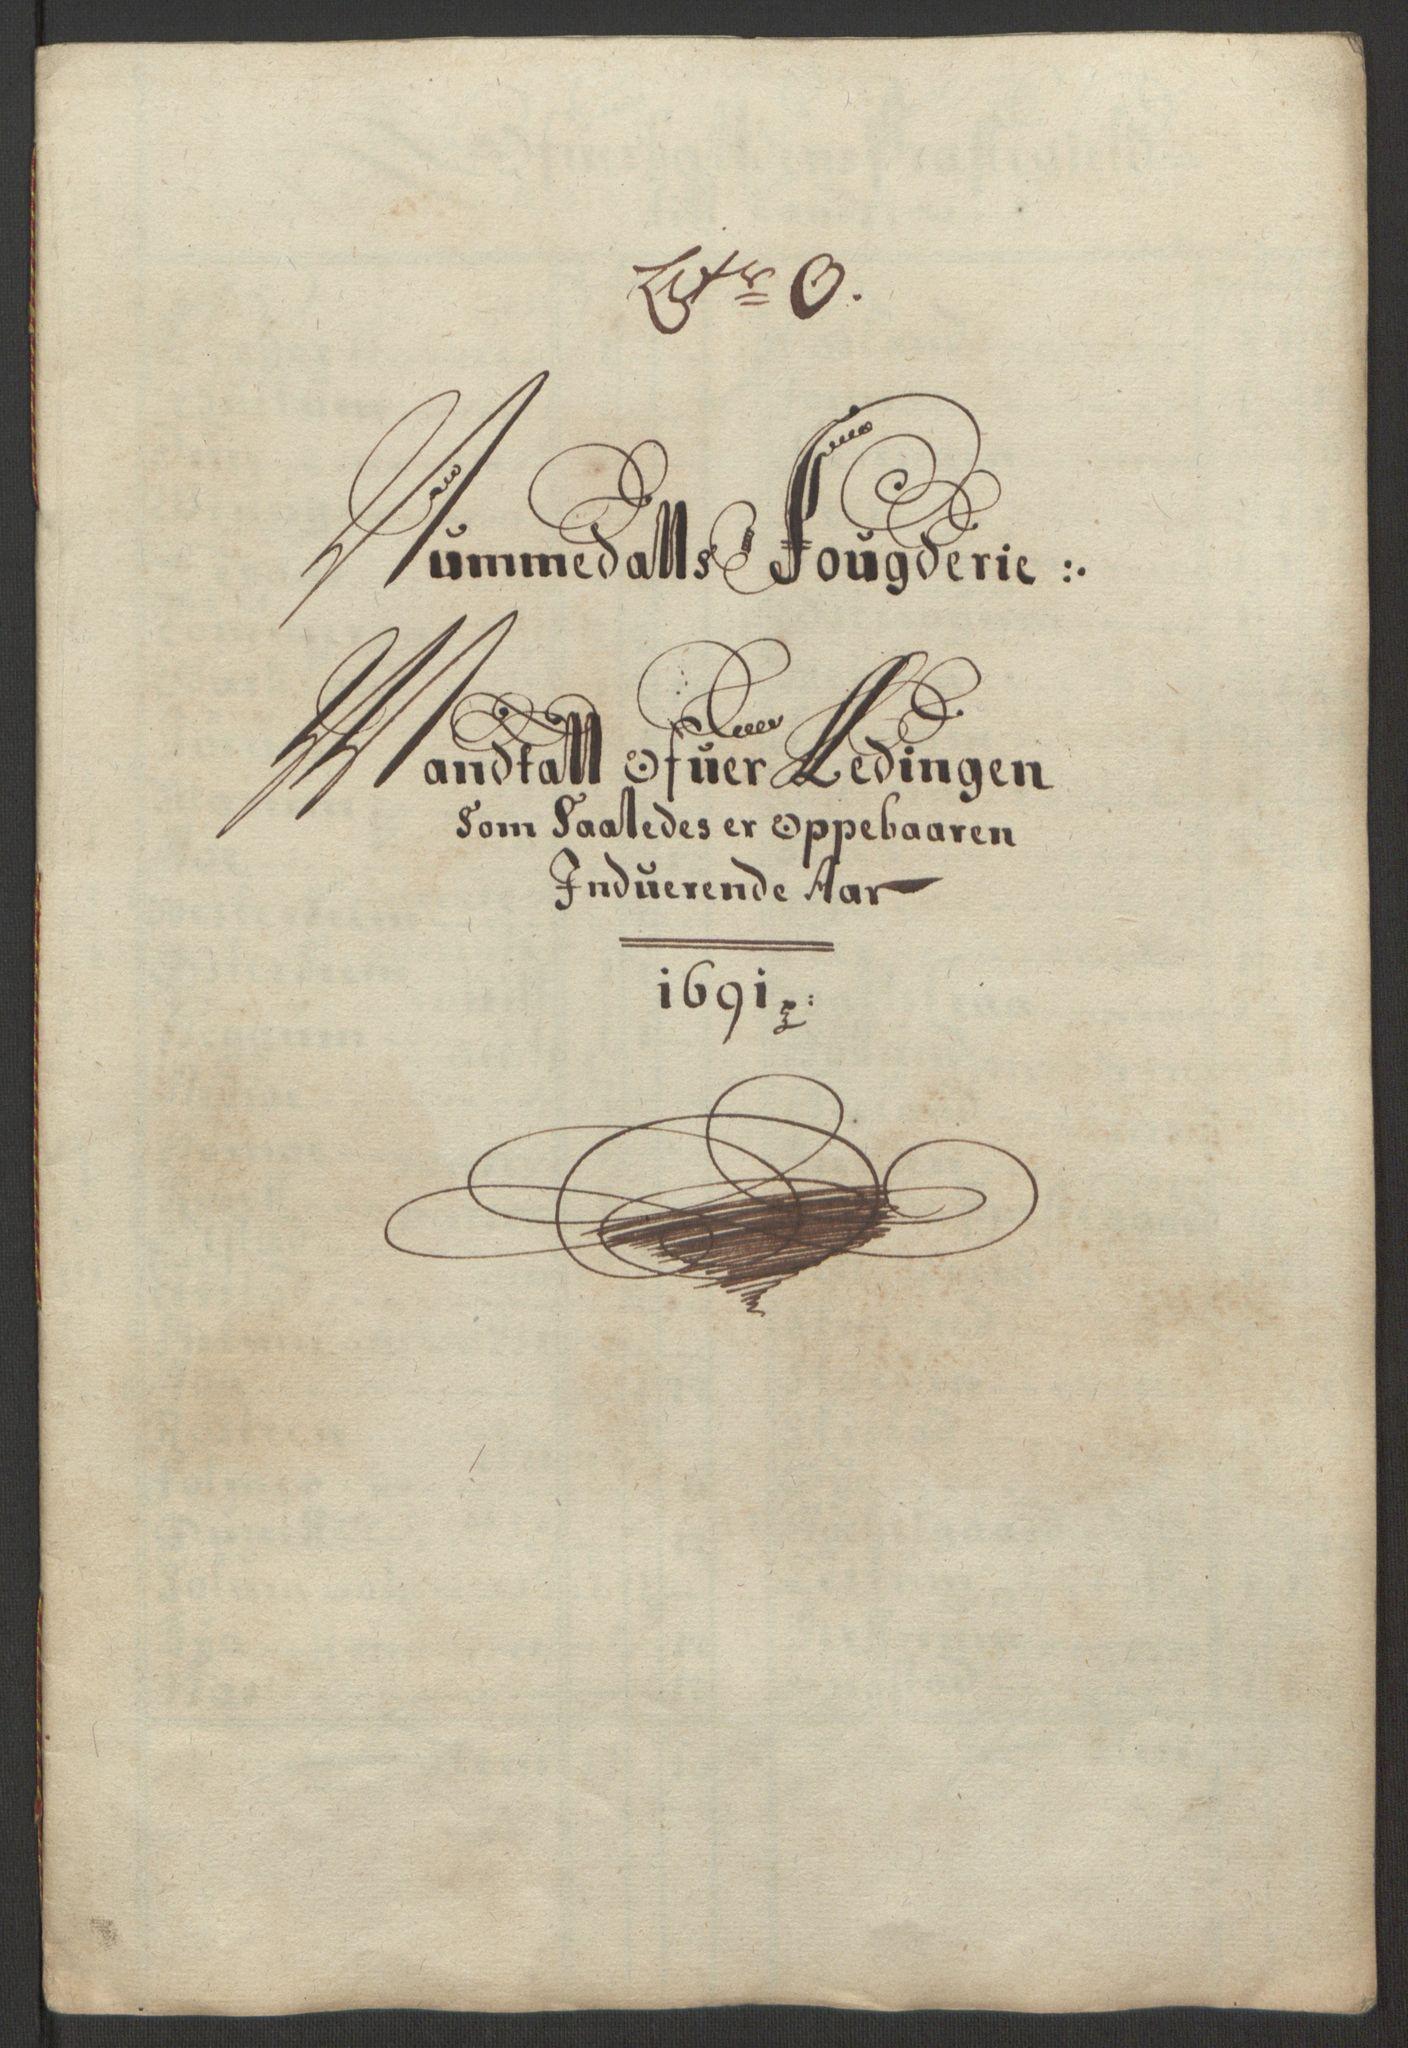 RA, Rentekammeret inntil 1814, Reviderte regnskaper, Fogderegnskap, R64/L4423: Fogderegnskap Namdal, 1690-1691, s. 296